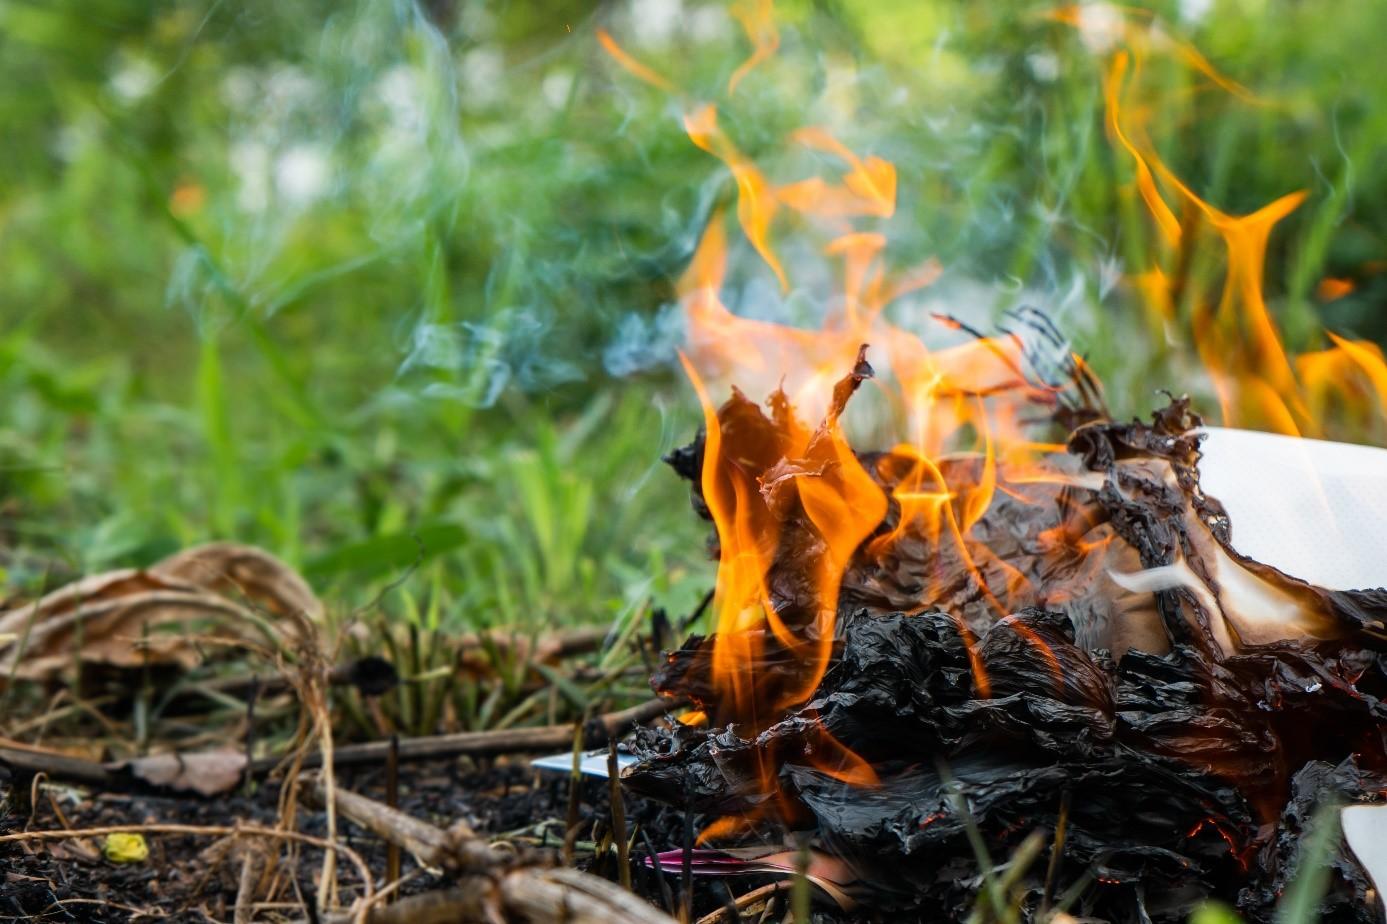 Schade aan tuinspullen door hitte: vergoed via de inboedelverzekering? #inboedelverzekering #tuin